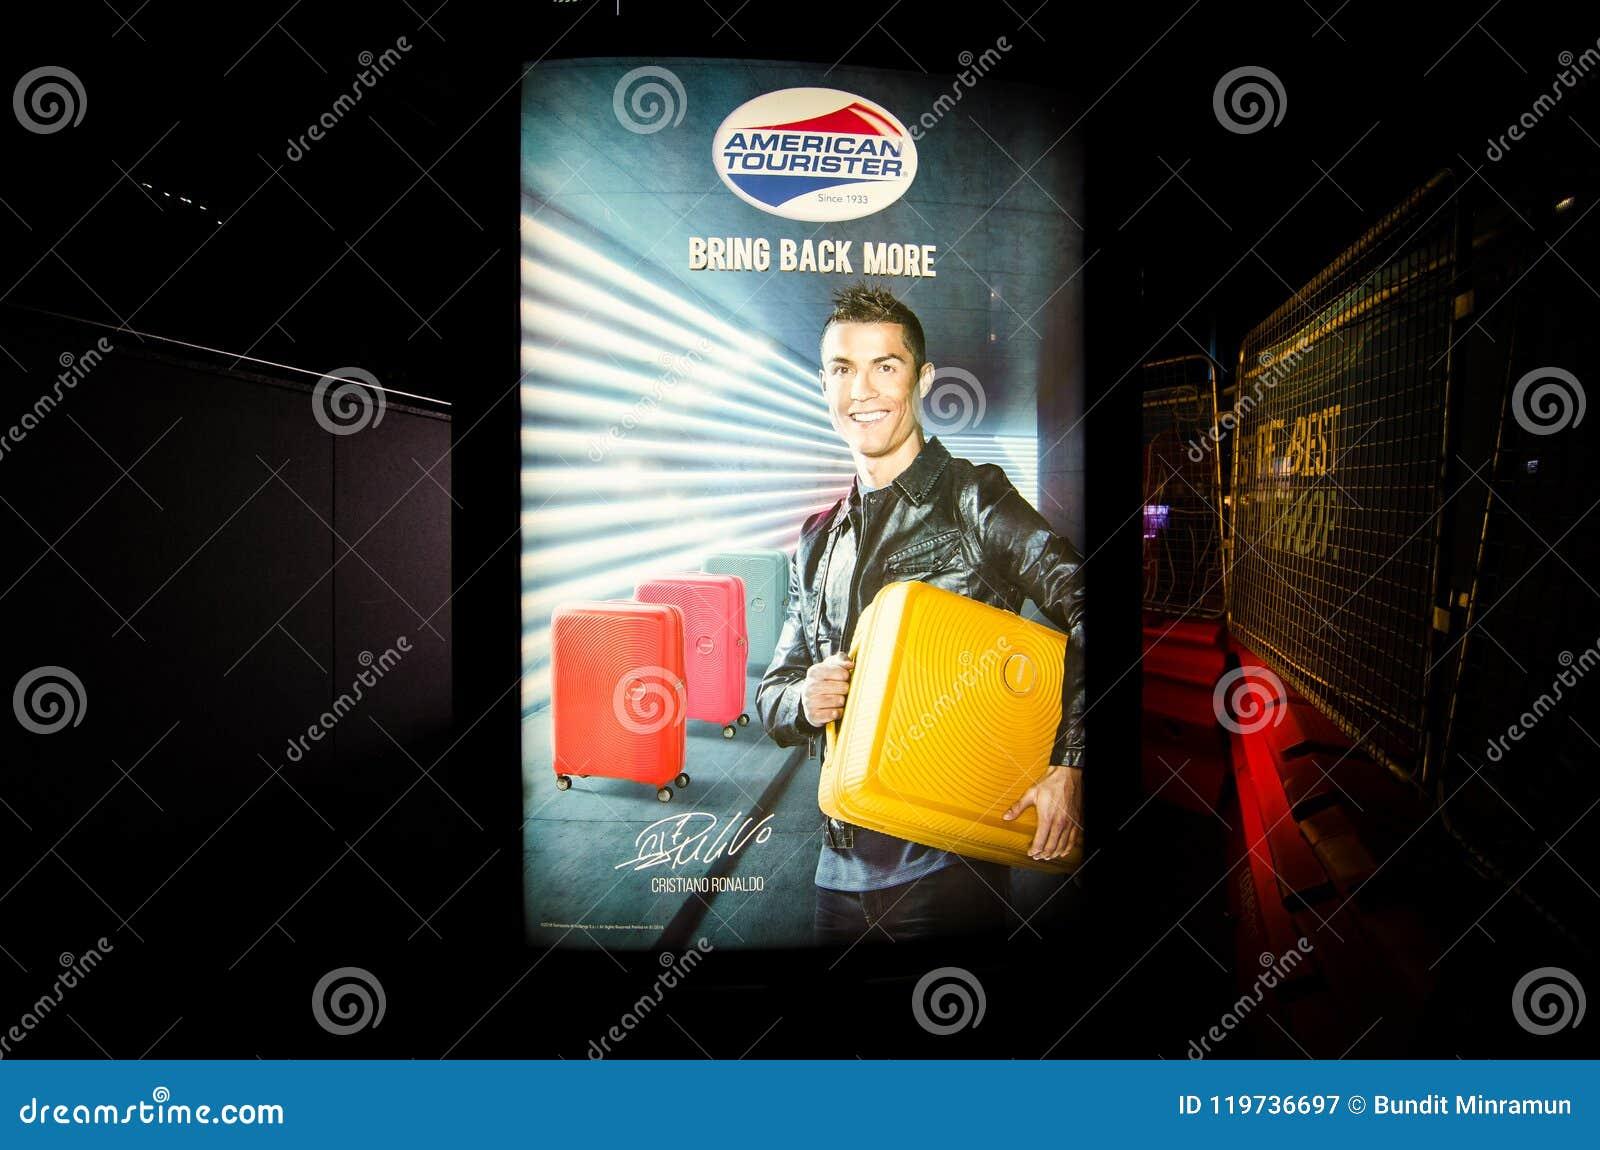 `基斯坦奴・朗拿度`的海报图象是美国人行李Tourister品牌的品牌赠送者